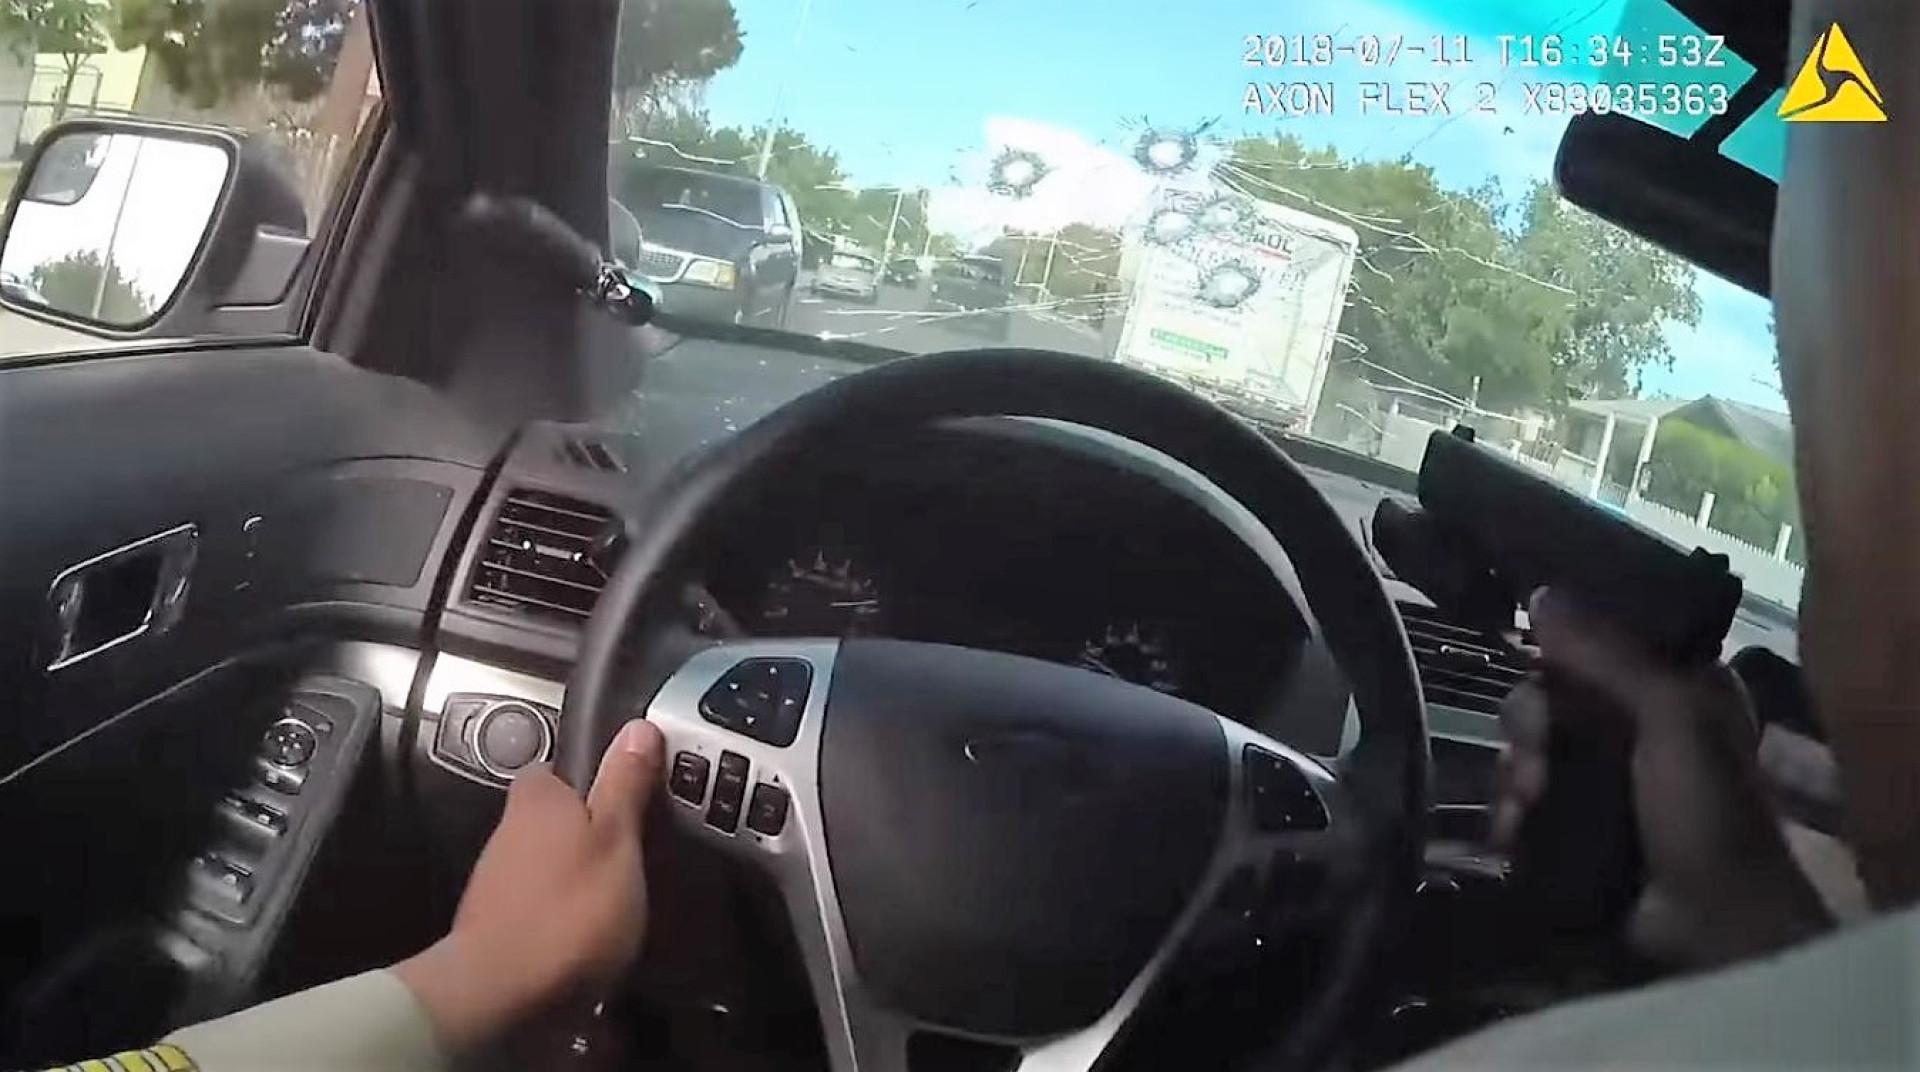 Agente da polícia dispara através do próprio pára-brisas em perseguição